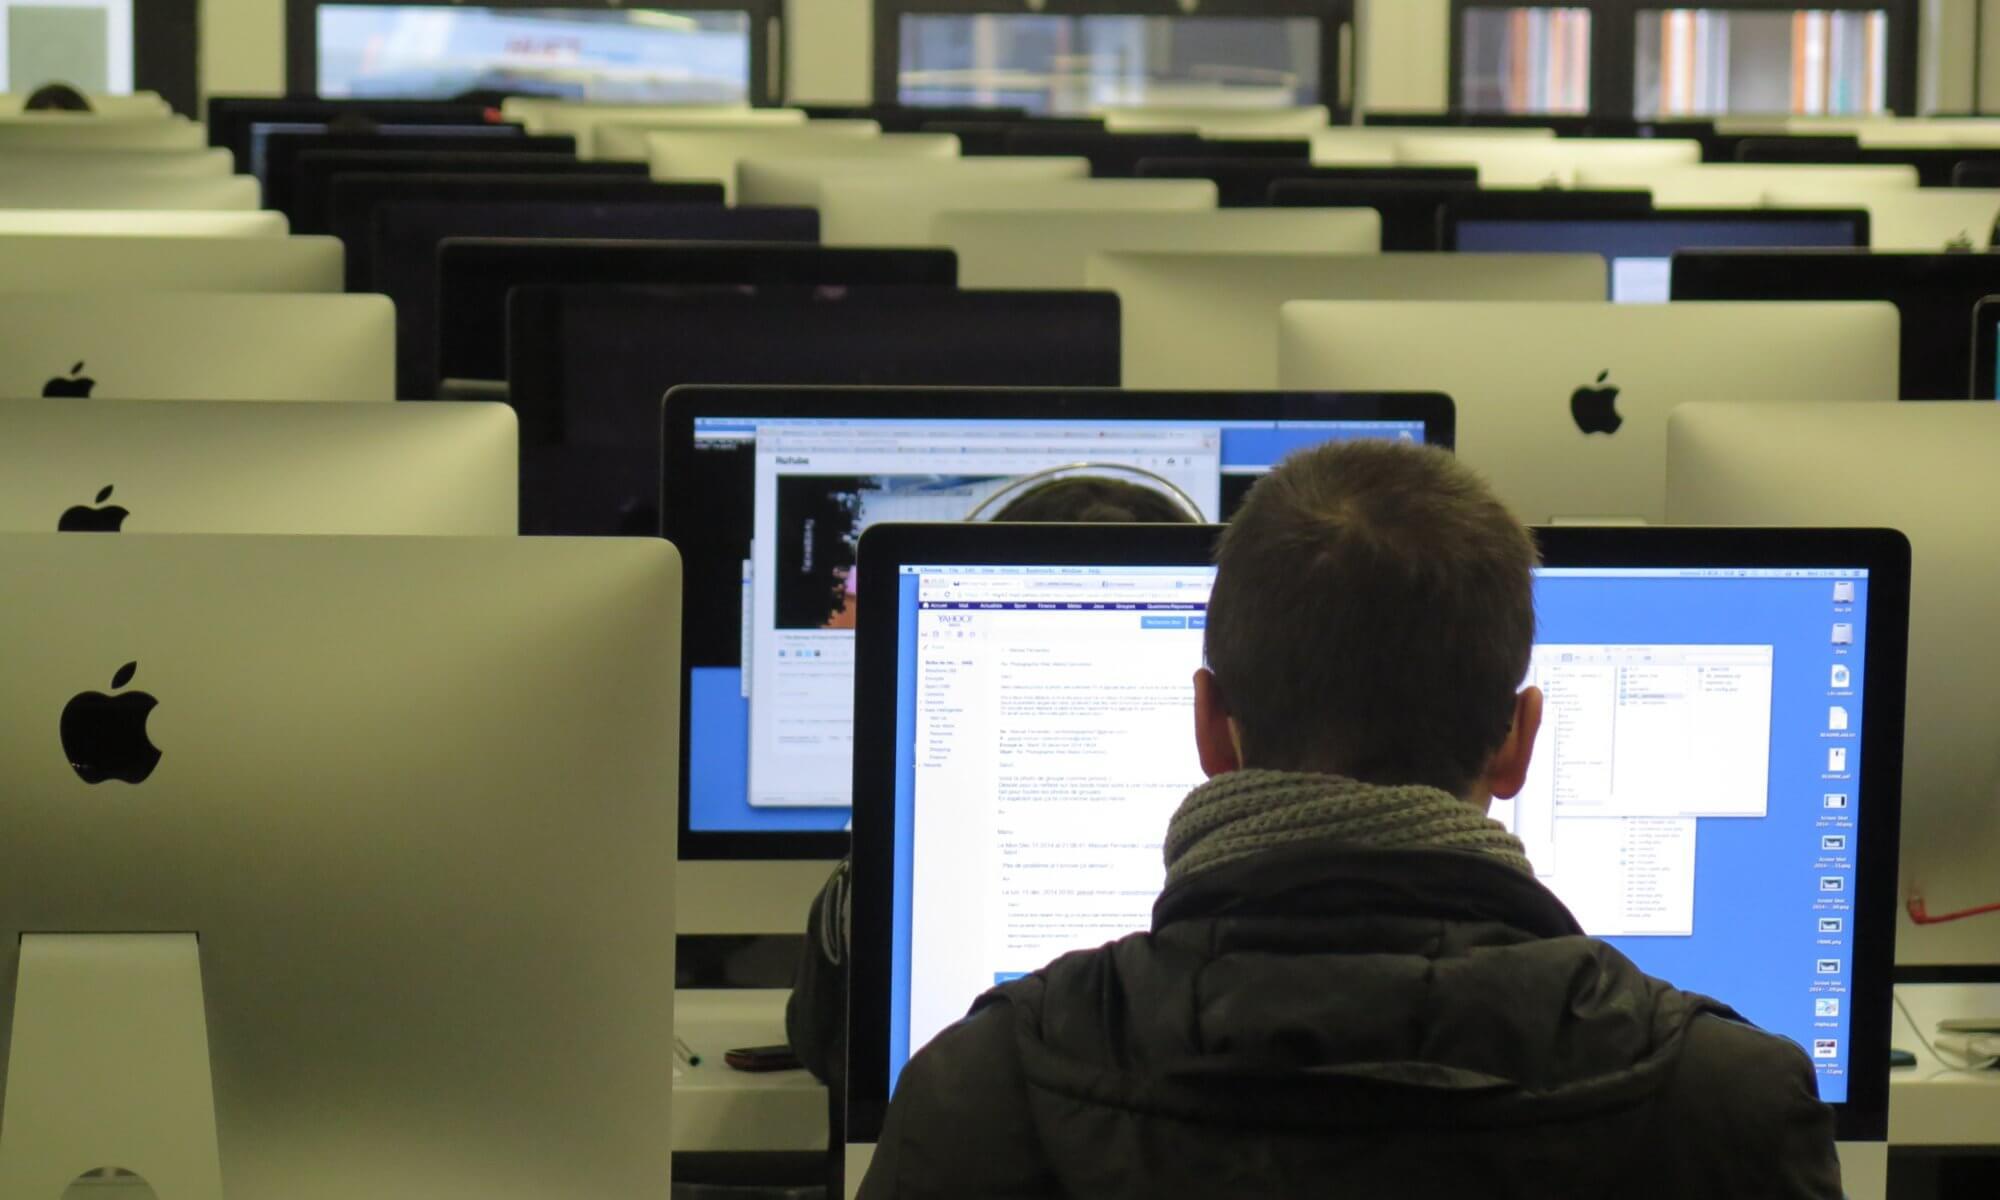 Förderbedingungen für Weiterbildung zur Fachkräftesicherung nutzen (c) srfparis pixabay.de.jpg